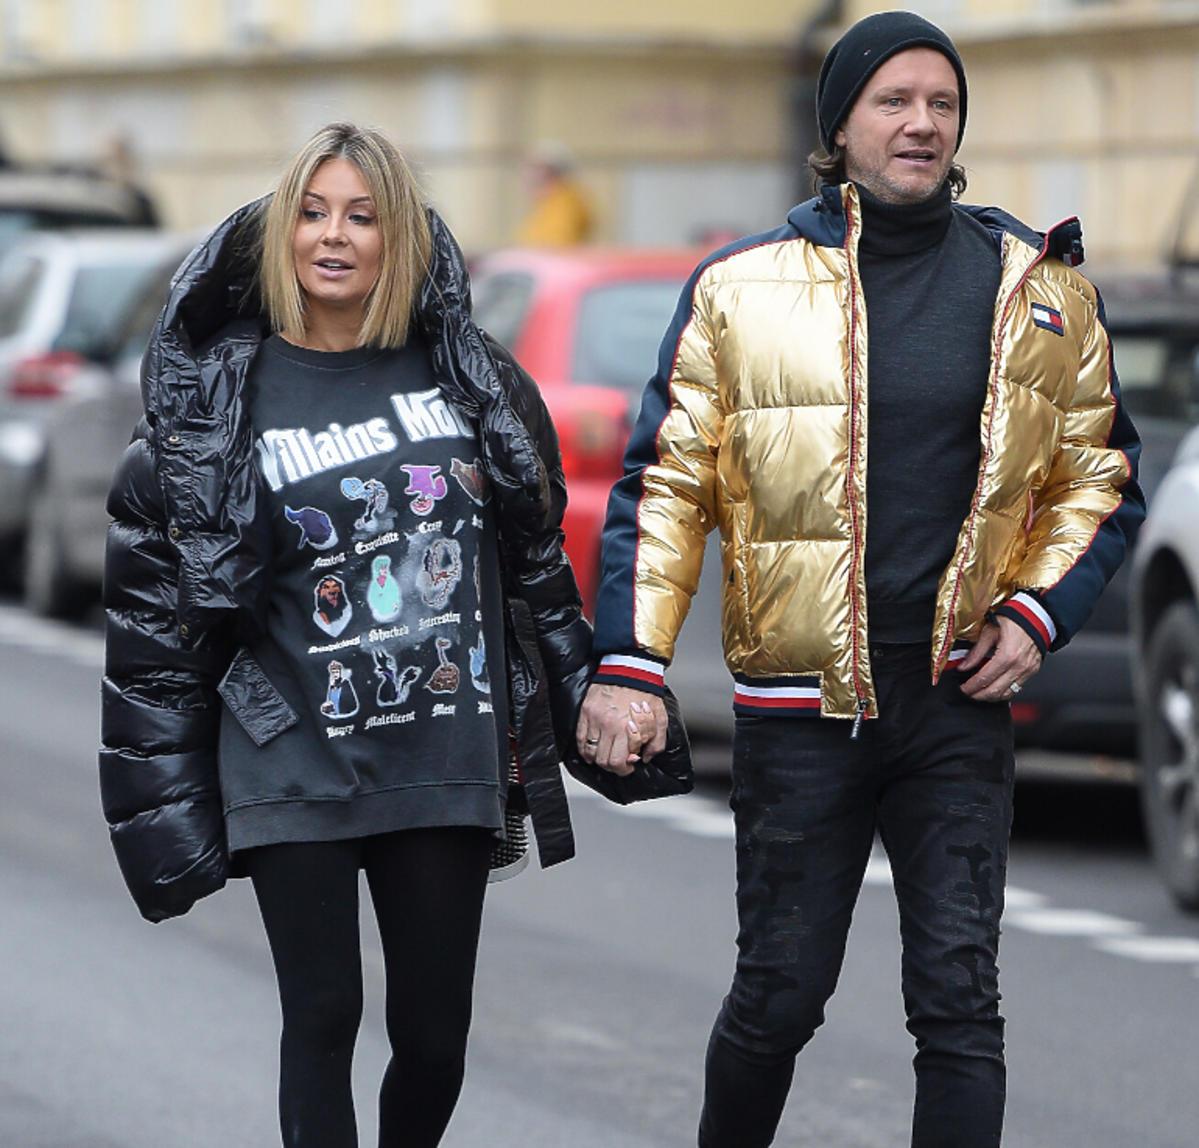 Małgorzata Socha i Radosław Majdan spacerują po Warszawie